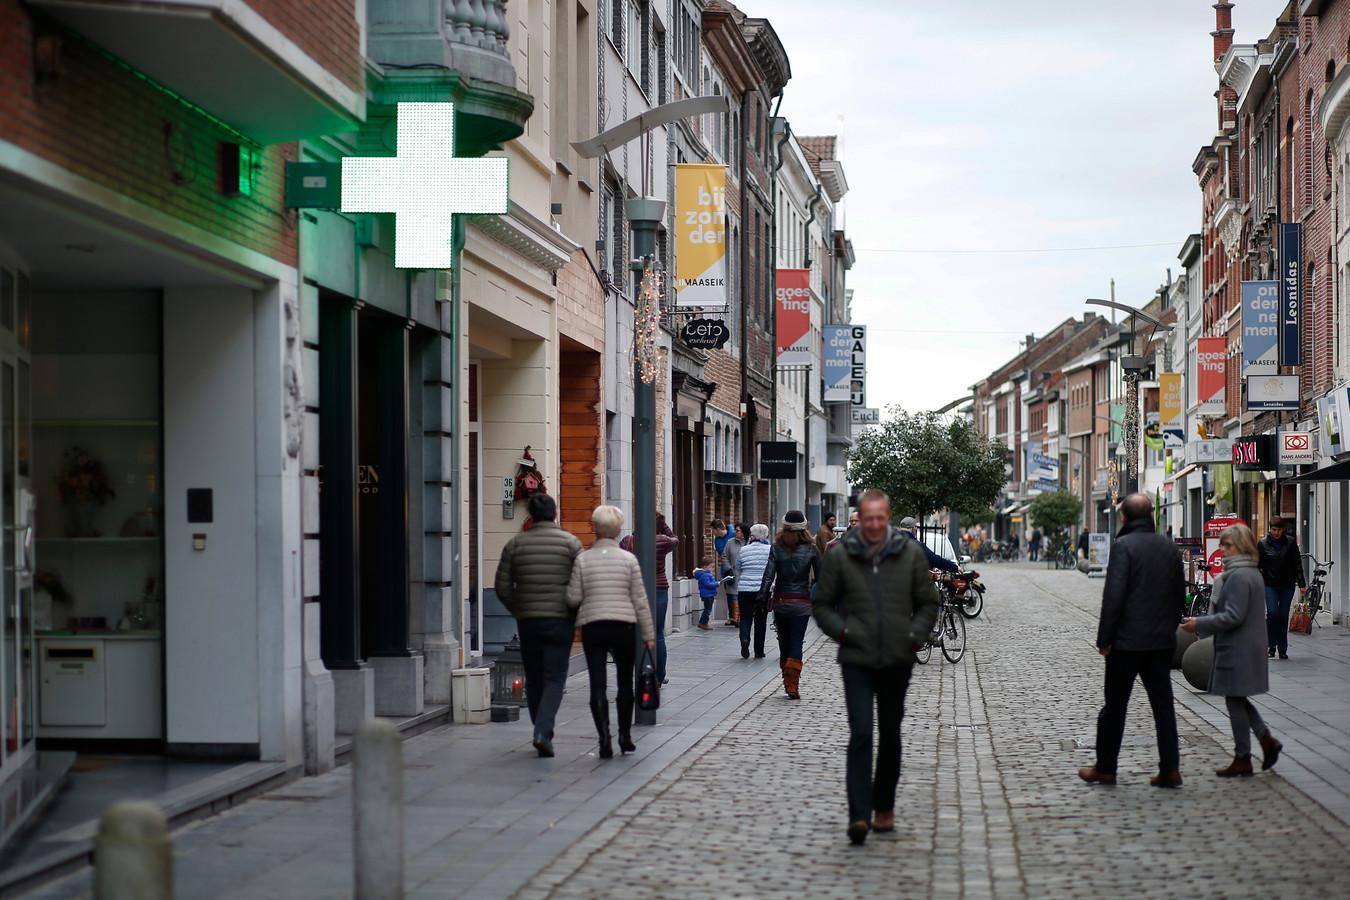 De gezellige stadskern leidt tot meer kernversterking waar het populair om wonen is.